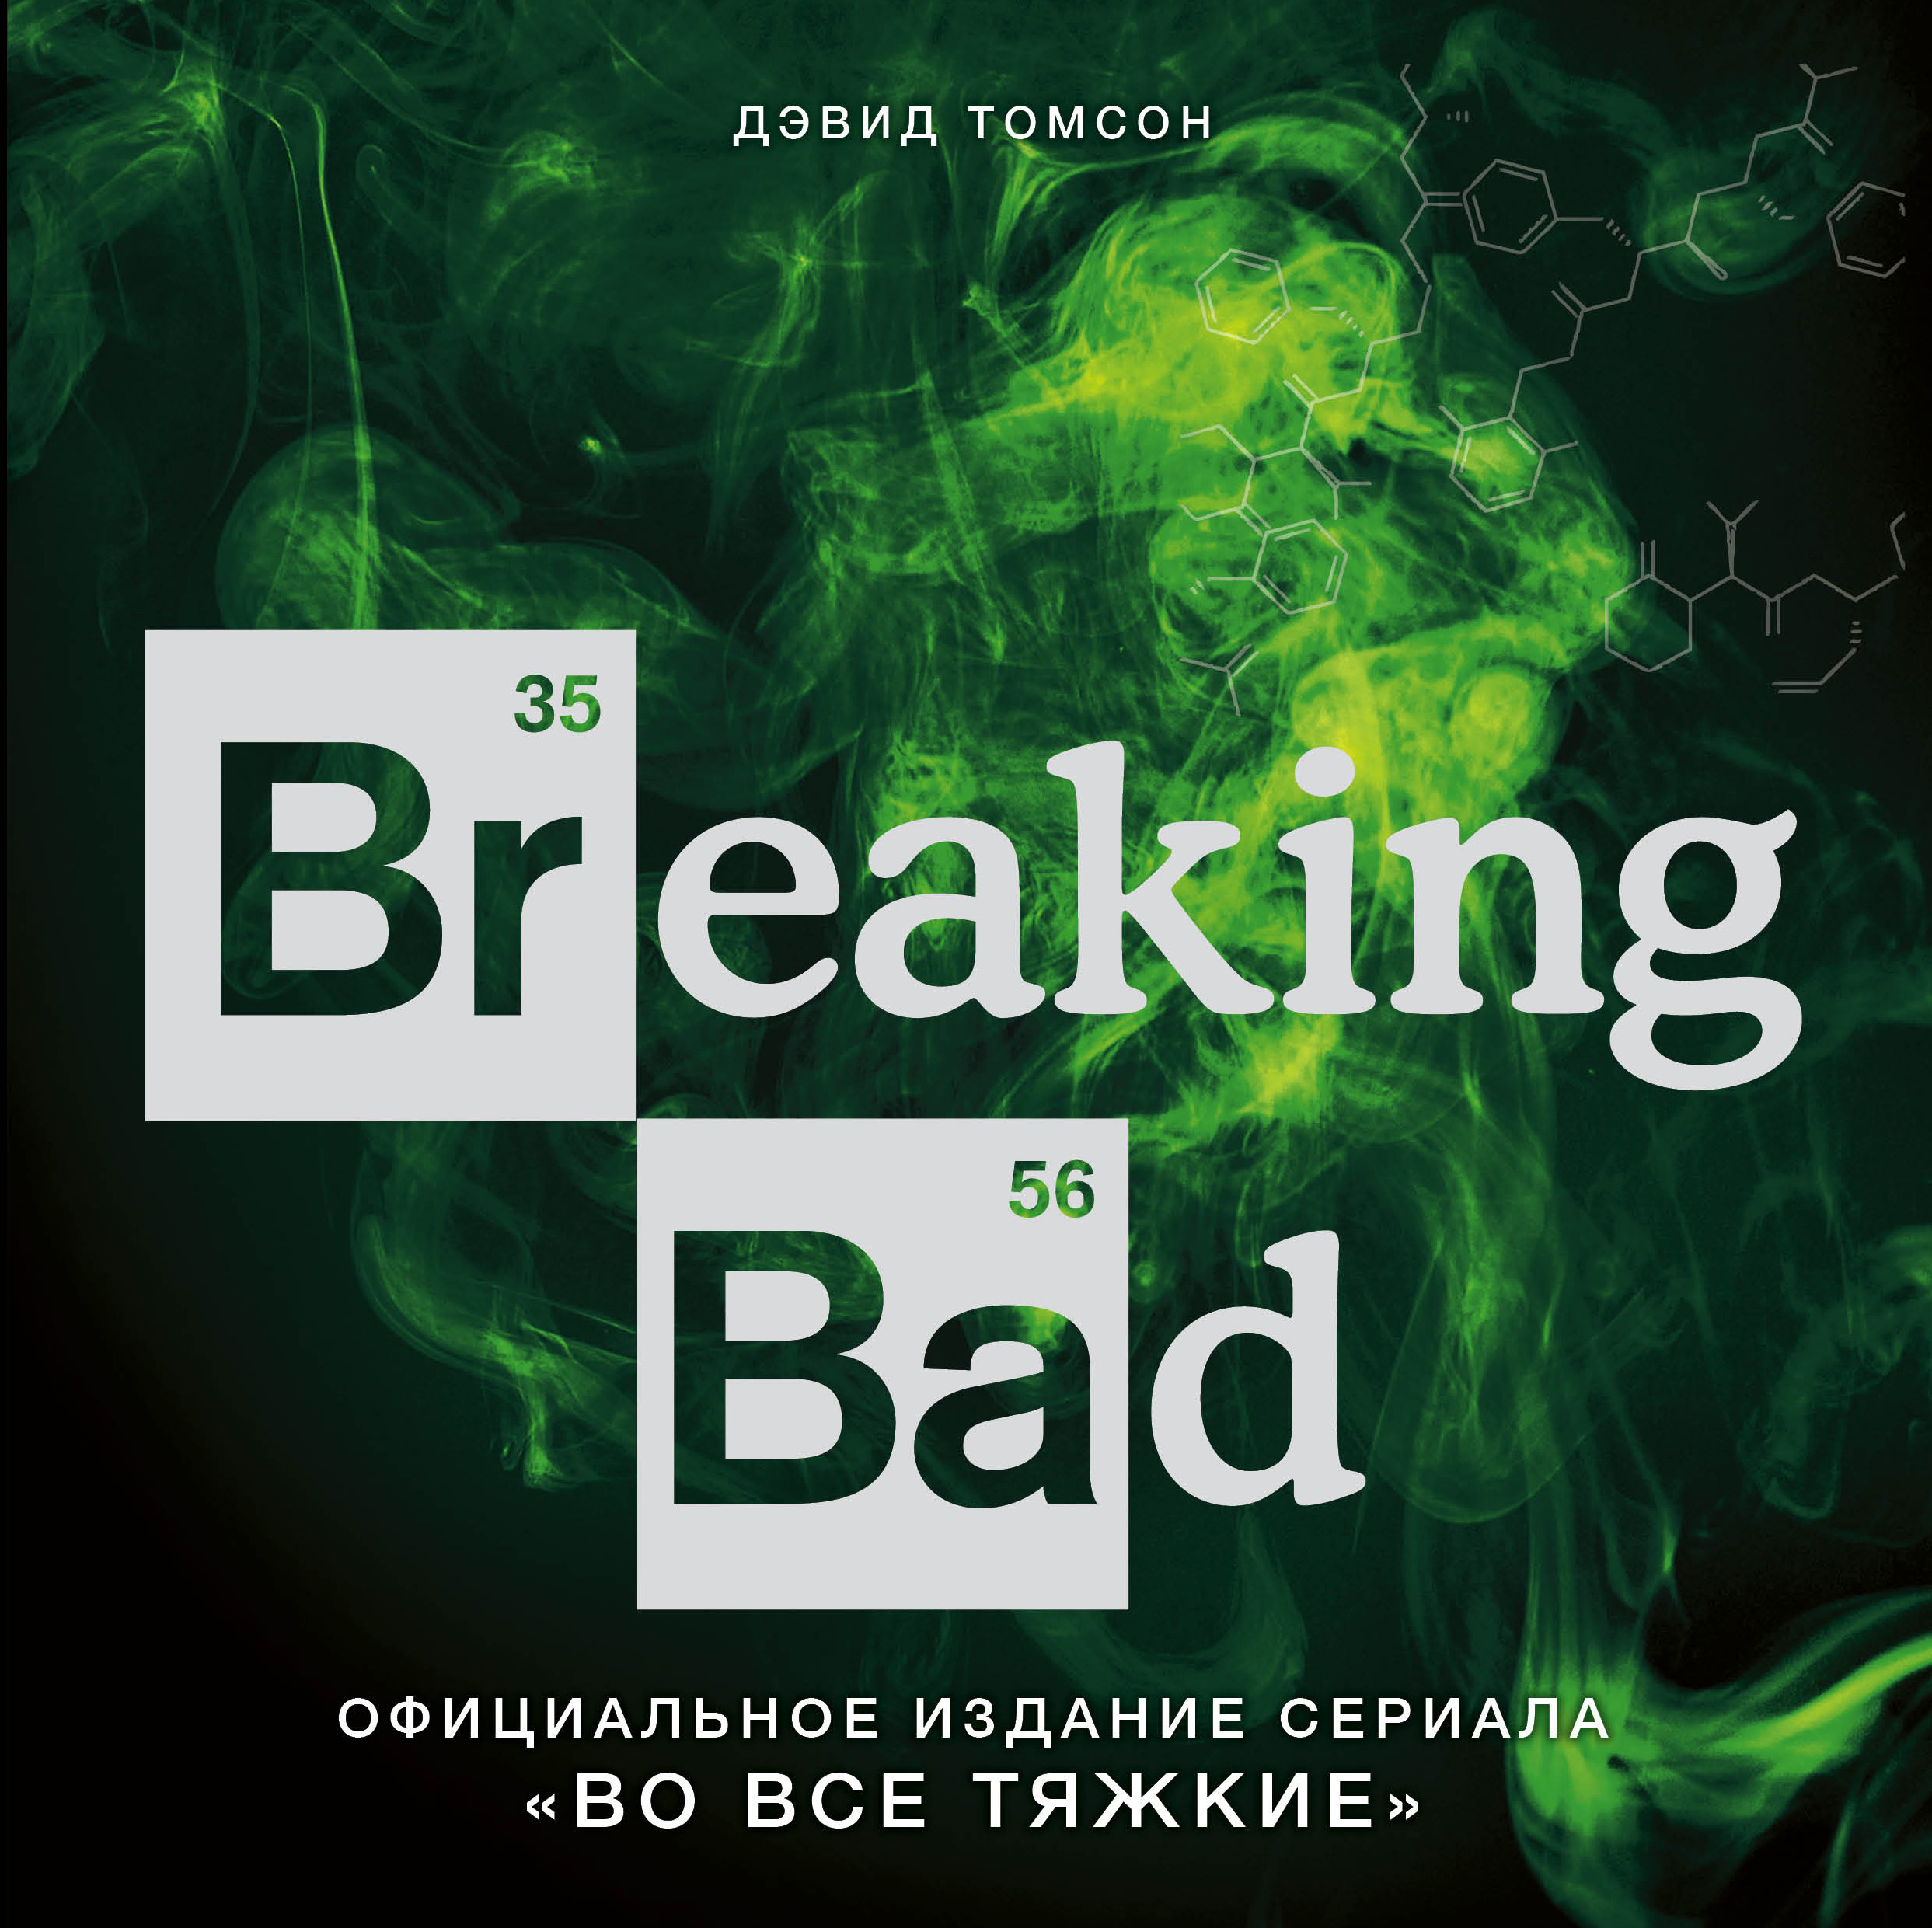 """Томсон Дэвид Breaking Bad. Официальное издание сериала """"Во все тяжкие"""""""